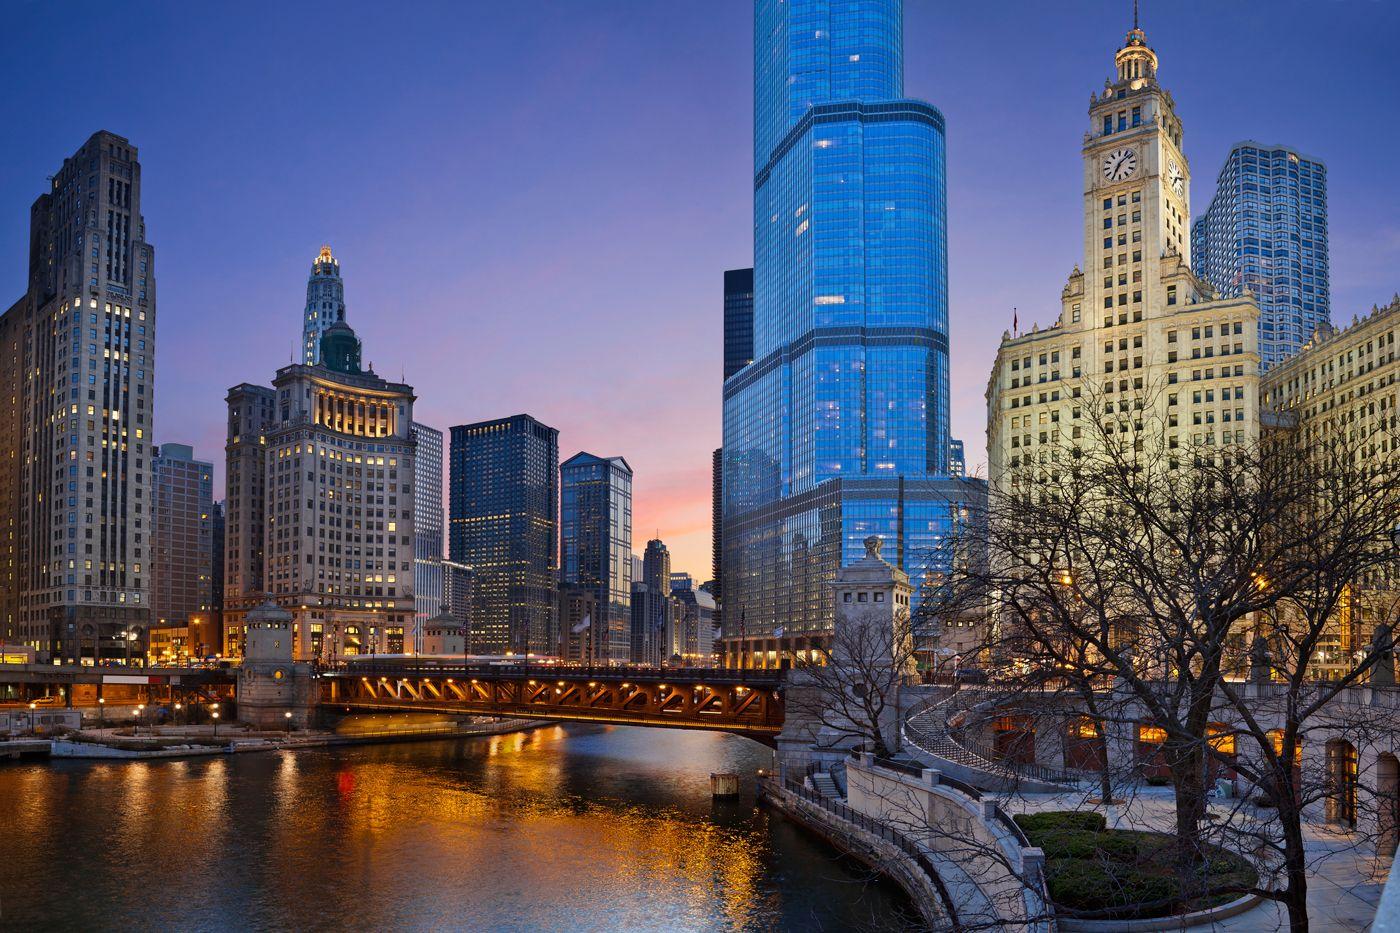 vista más bonita de #Chicago - la tercera ciudad más poblada de los Estados Unidos, después de Nueva York y Los Angeles.